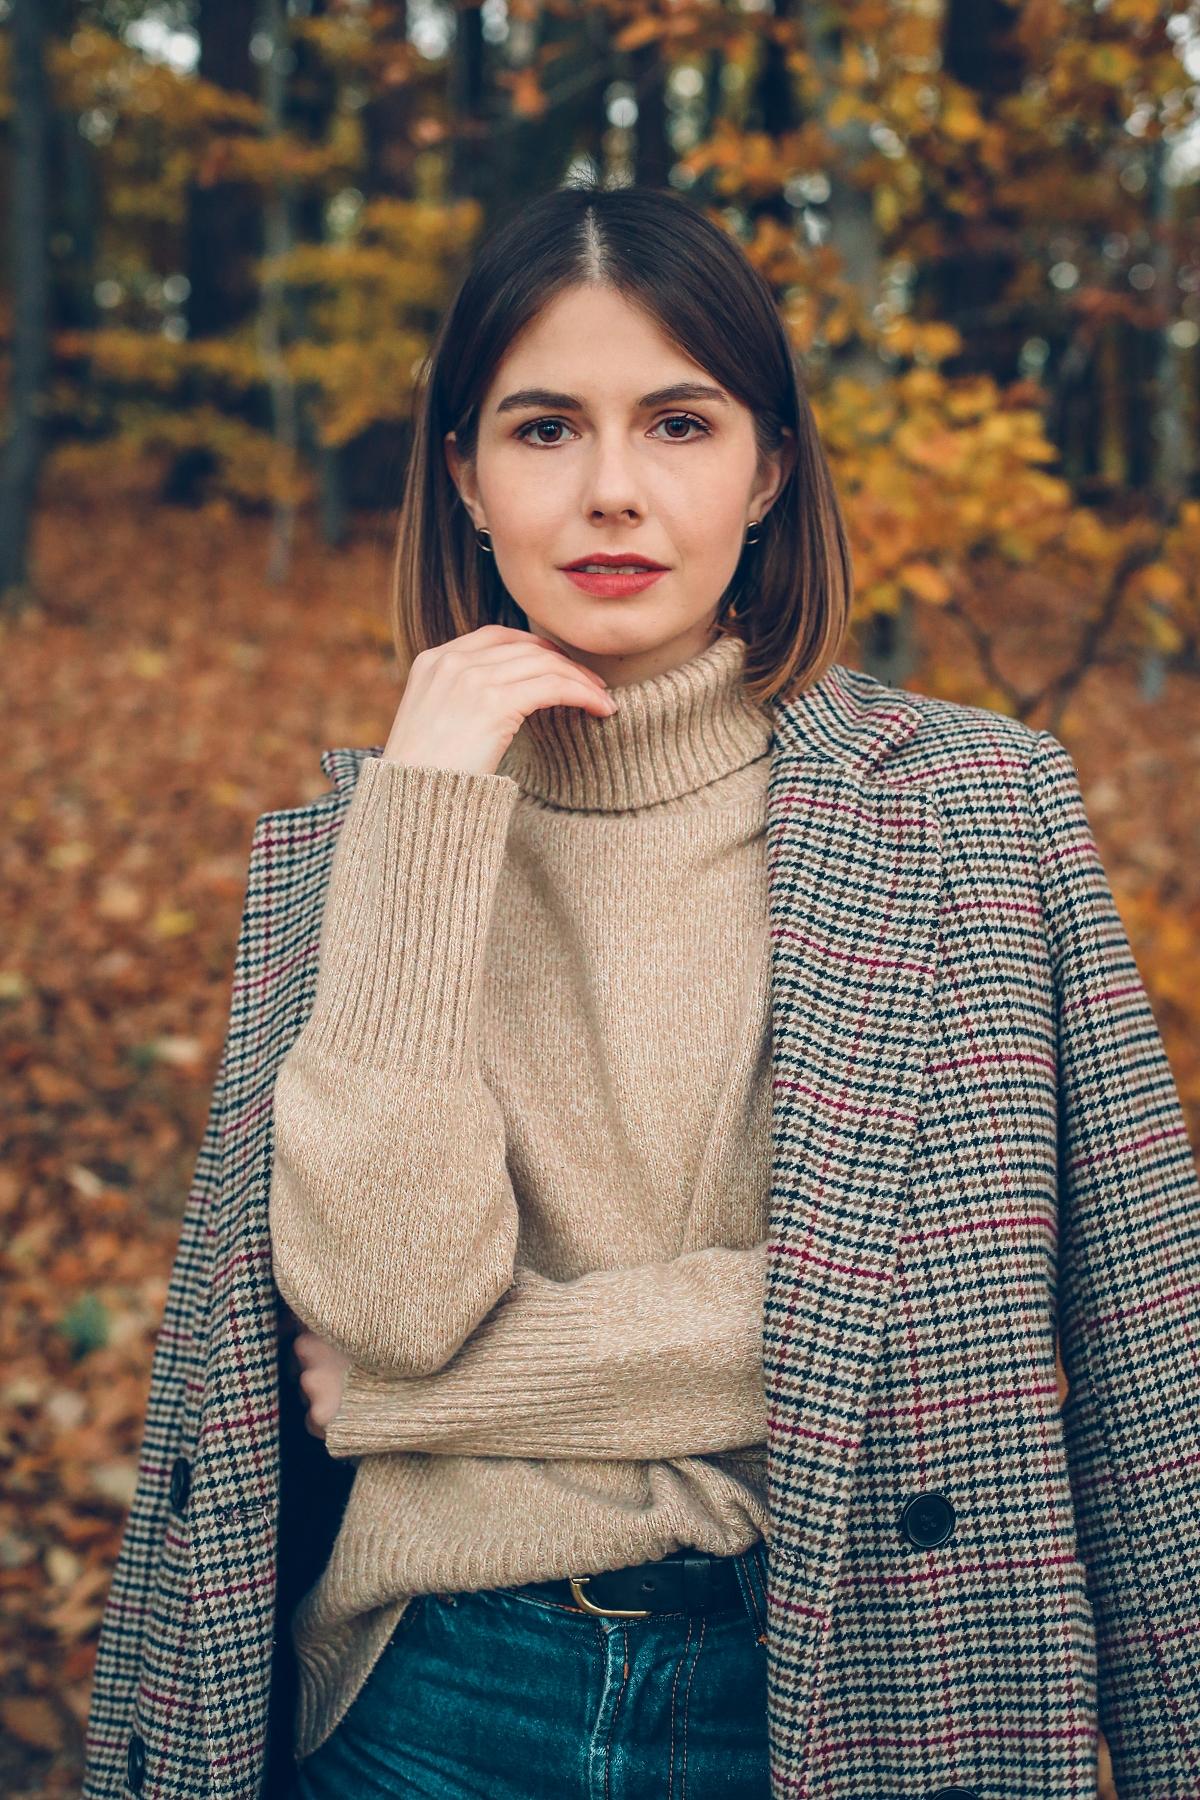 klif orłowski jesienny look ootd wełniany sweter secondhand